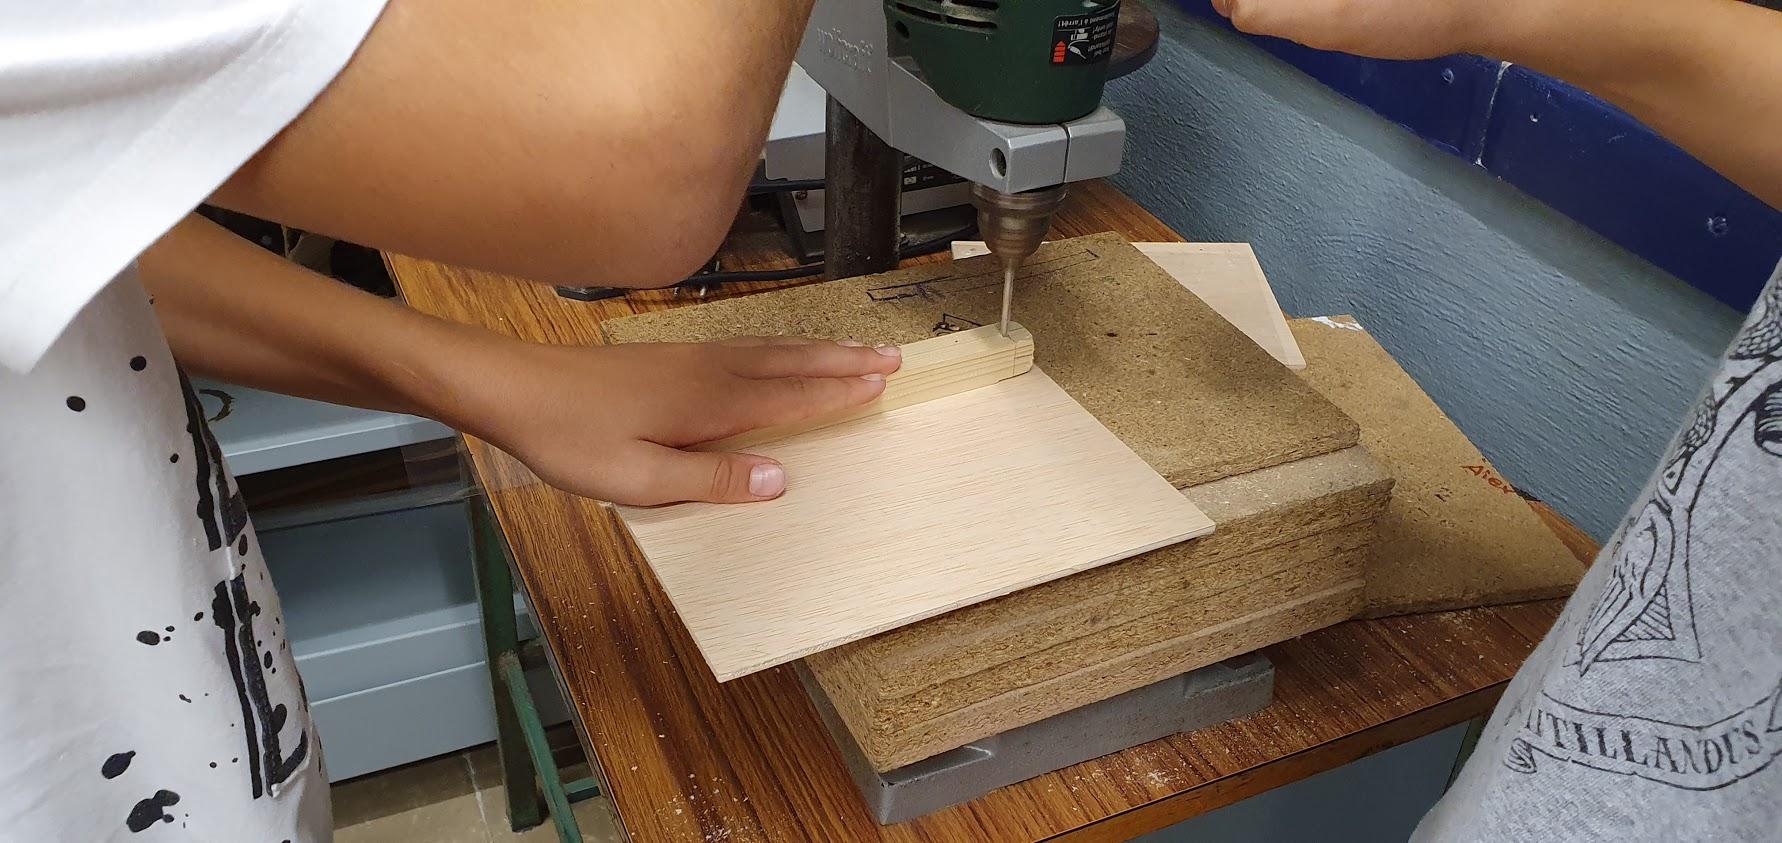 Projecte Material Arts